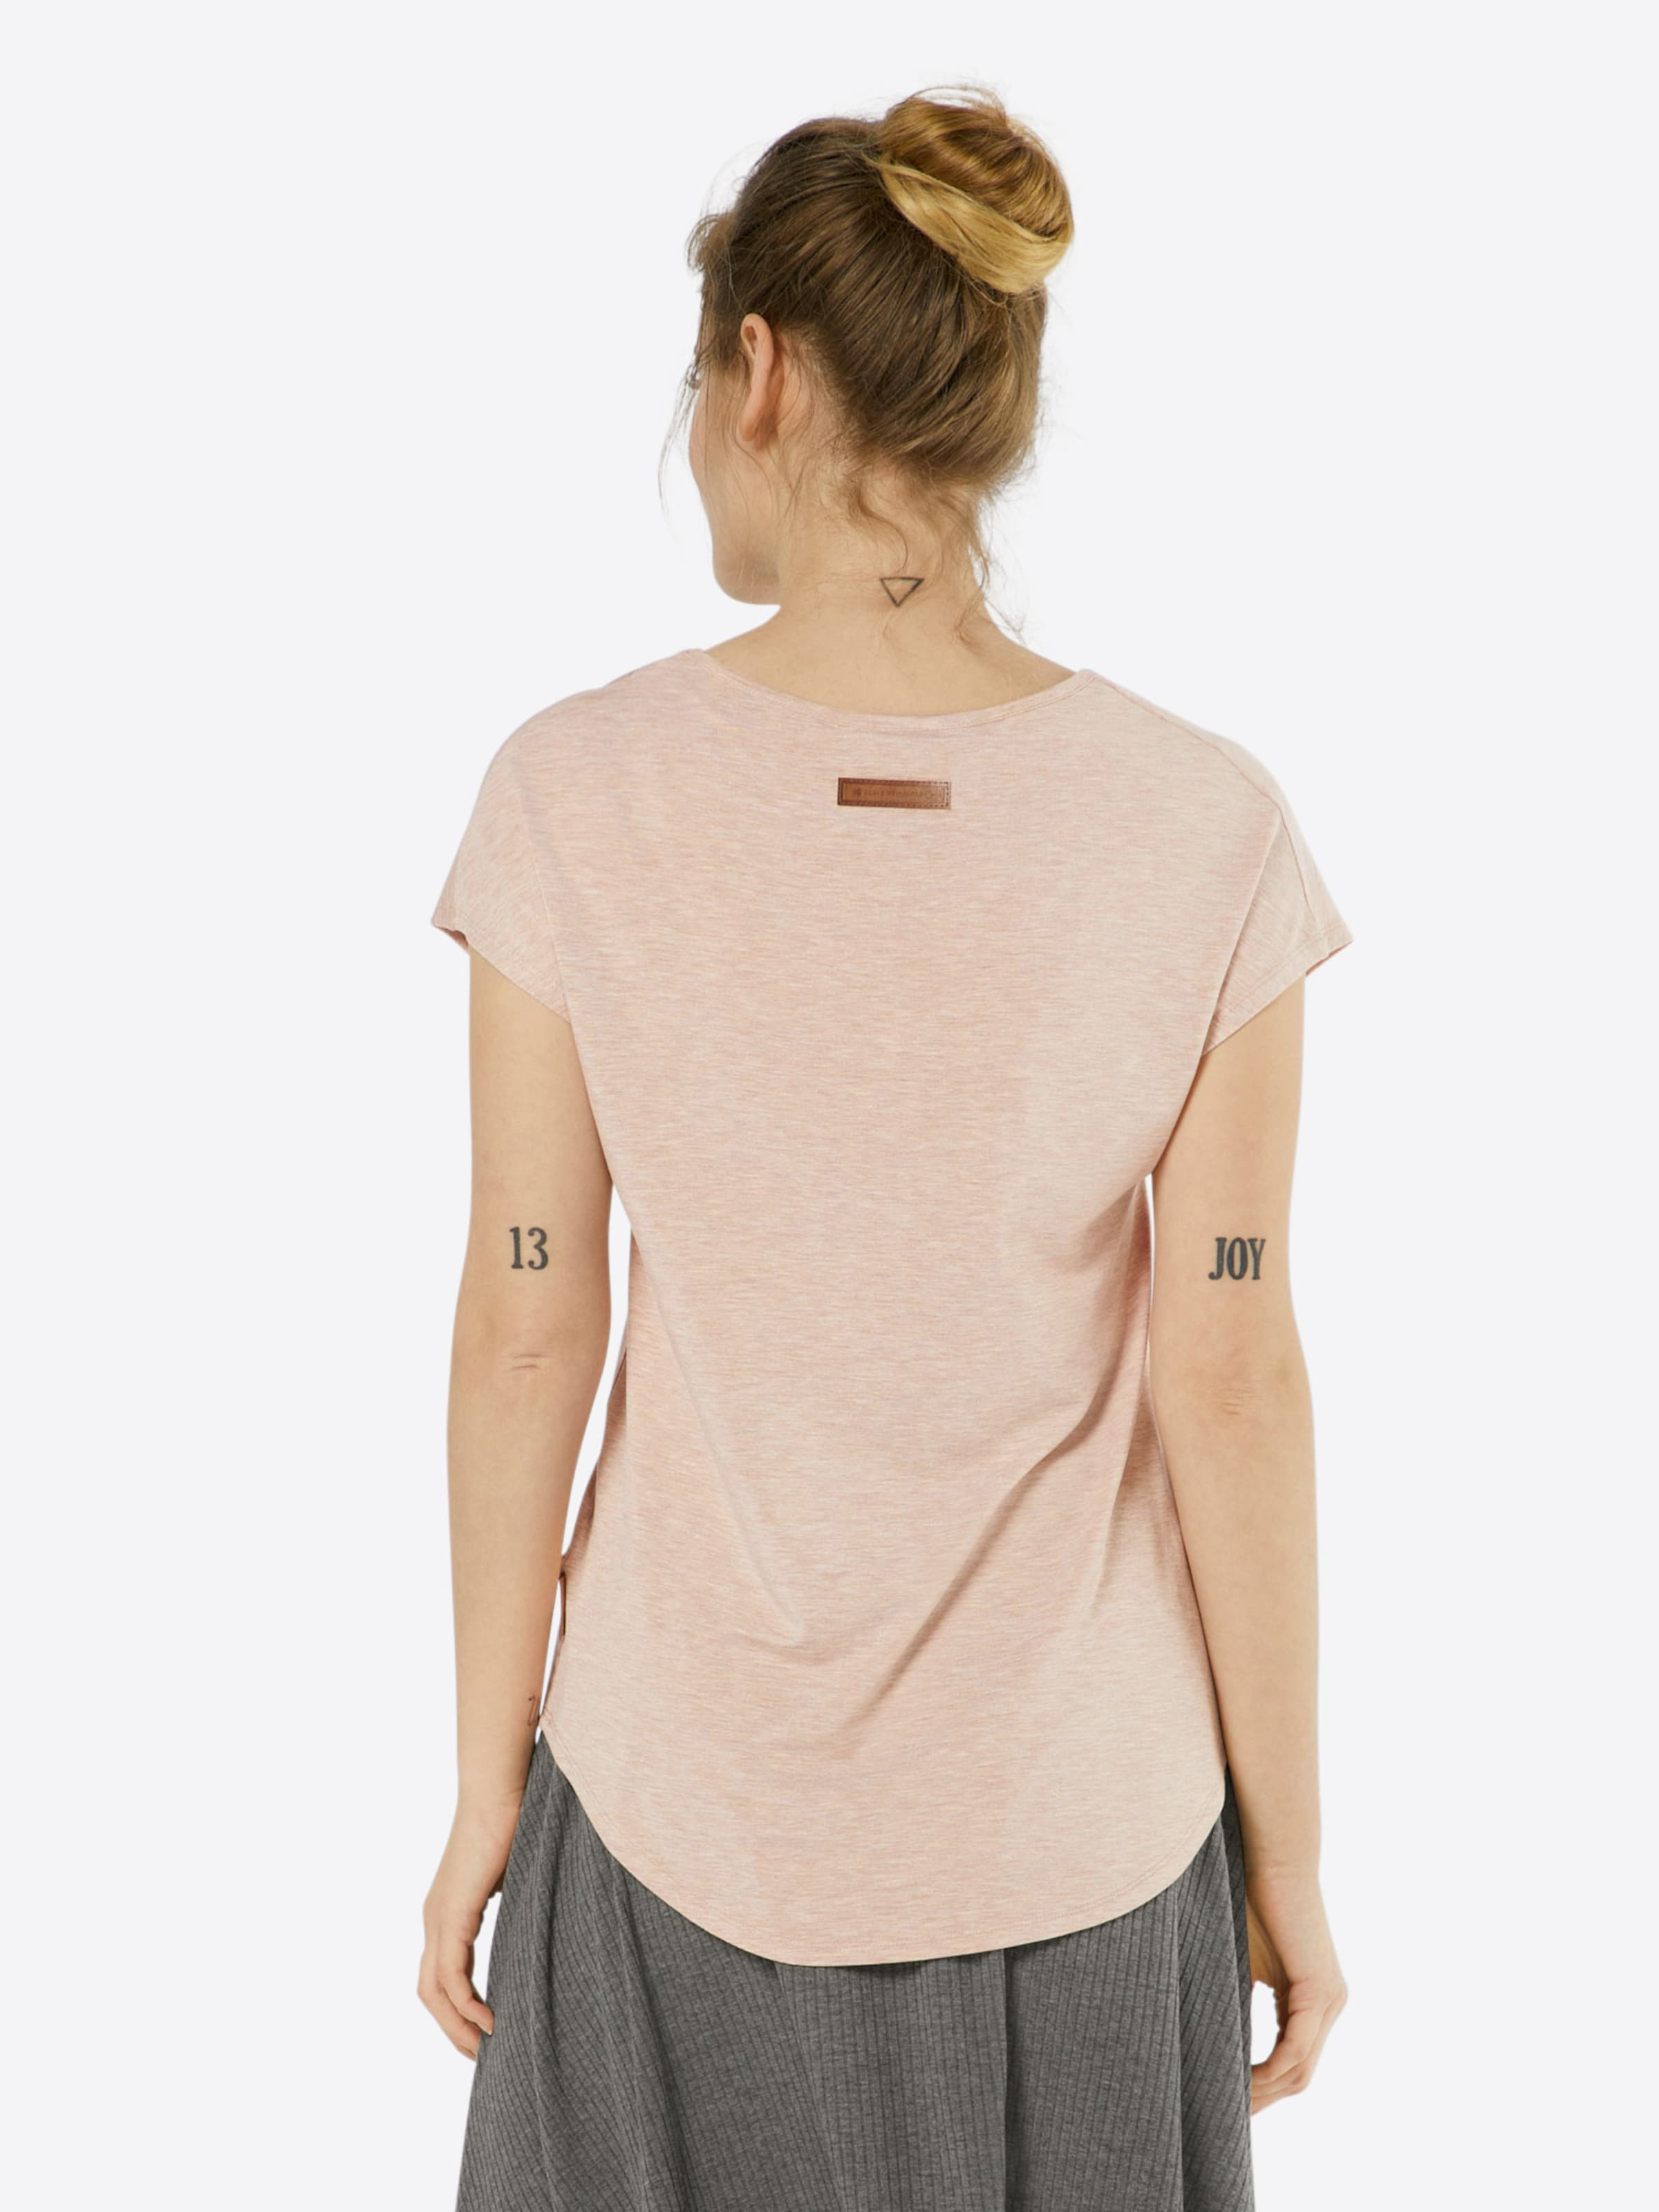 Verkauf Extrem naketano Shirt 'Falscher Smiley' Günstig Kaufen Online-Suche Zu Verkaufen Billige Visum Zahlung Natürlich Und Frei Az5t03u